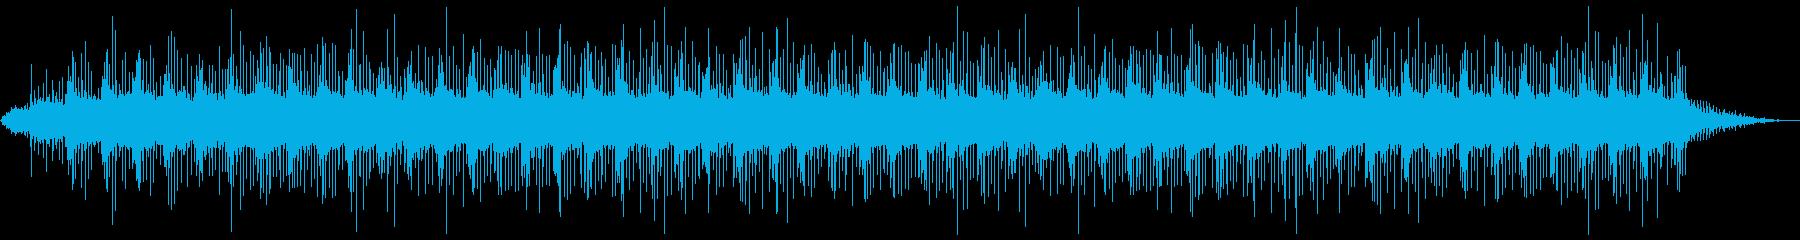 ラチェットローンスプリンクラー:O...の再生済みの波形